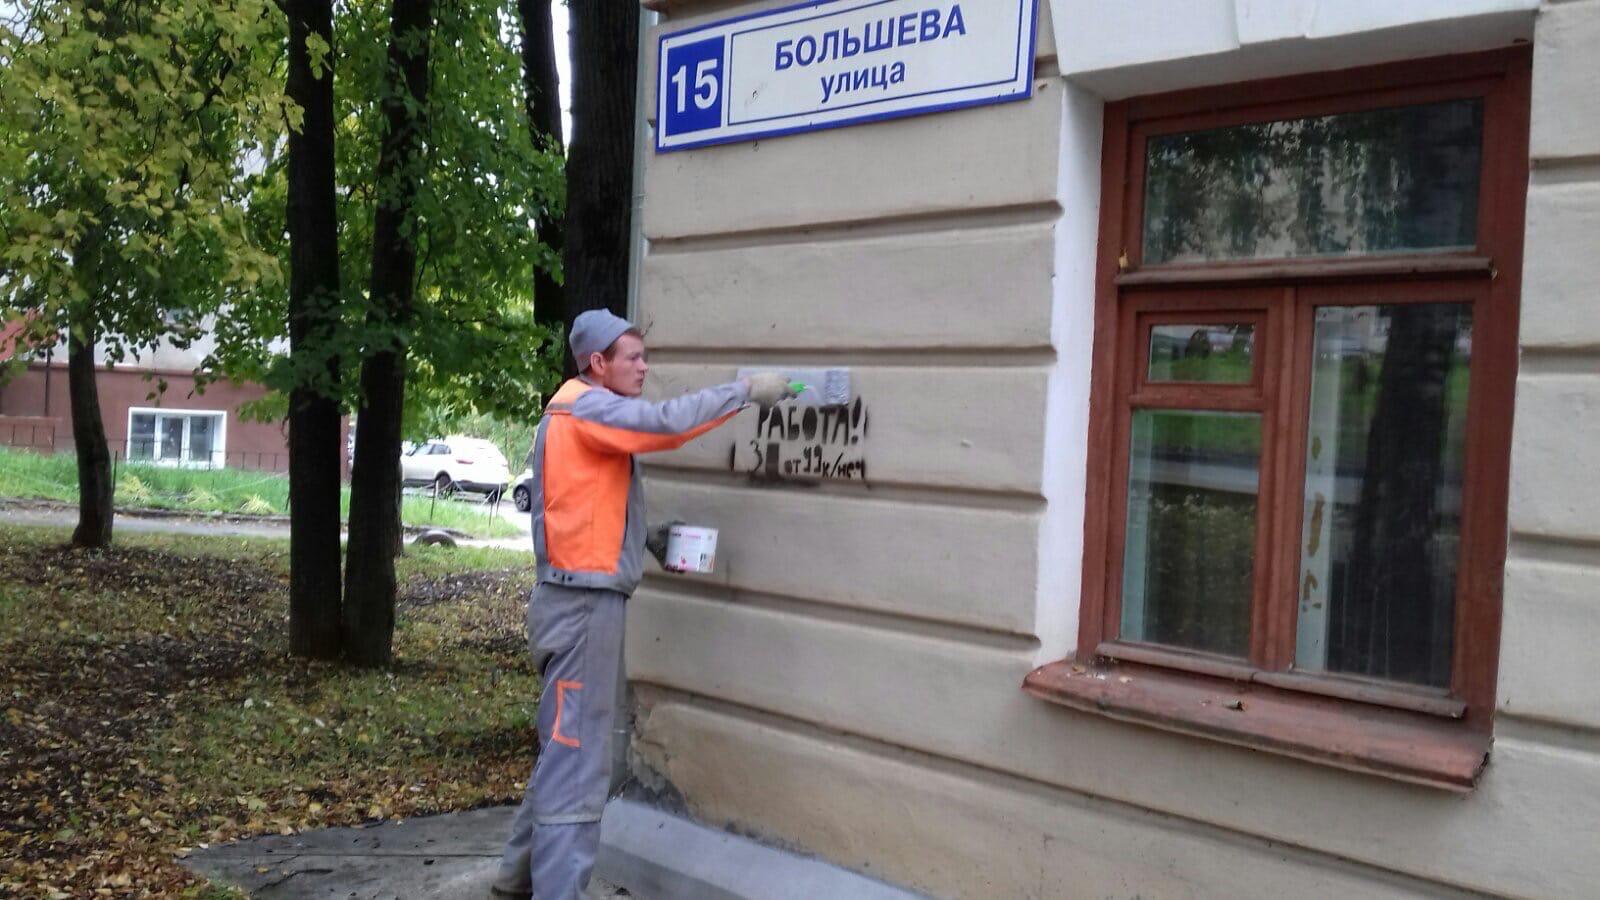 Ул. Большева, 15. Закрашены надписи на фасаде